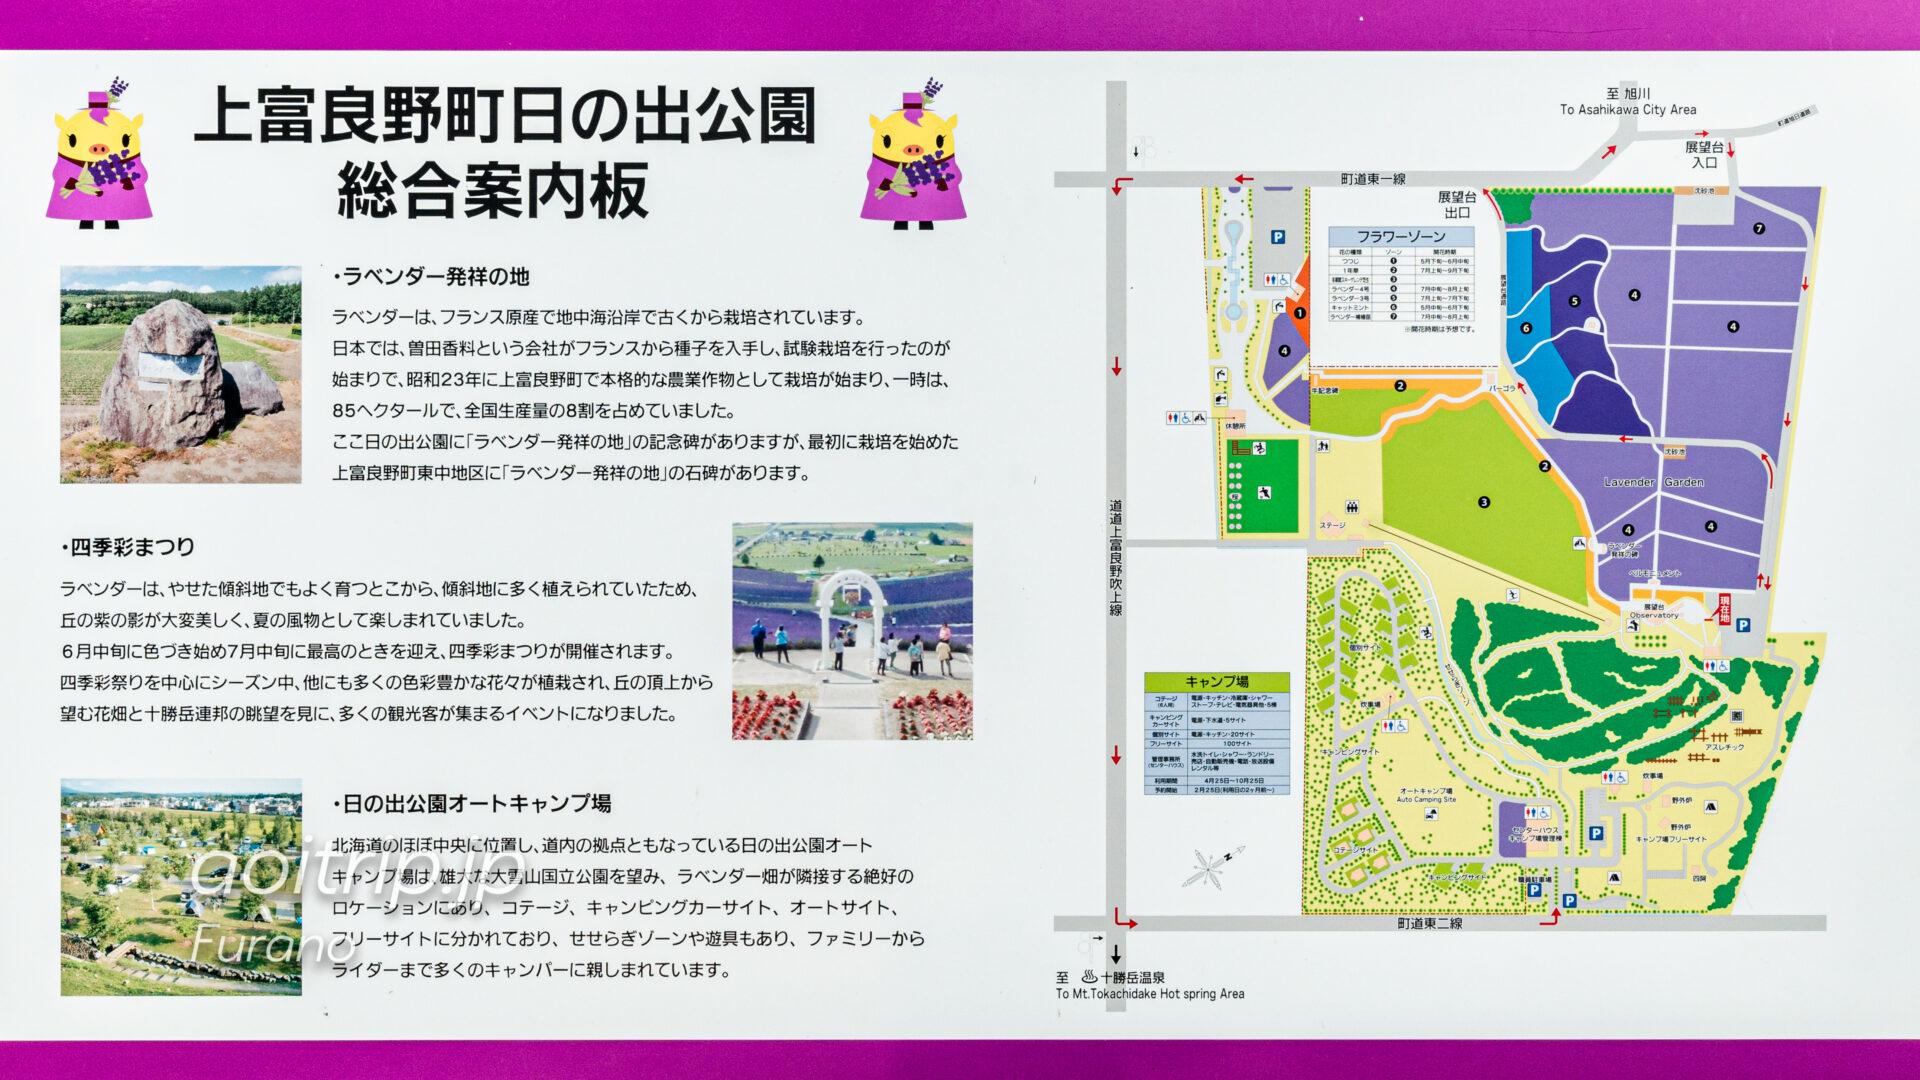 かみふらの 日の出ラベンダー園 Kamifurano Hinode Lavender Garden